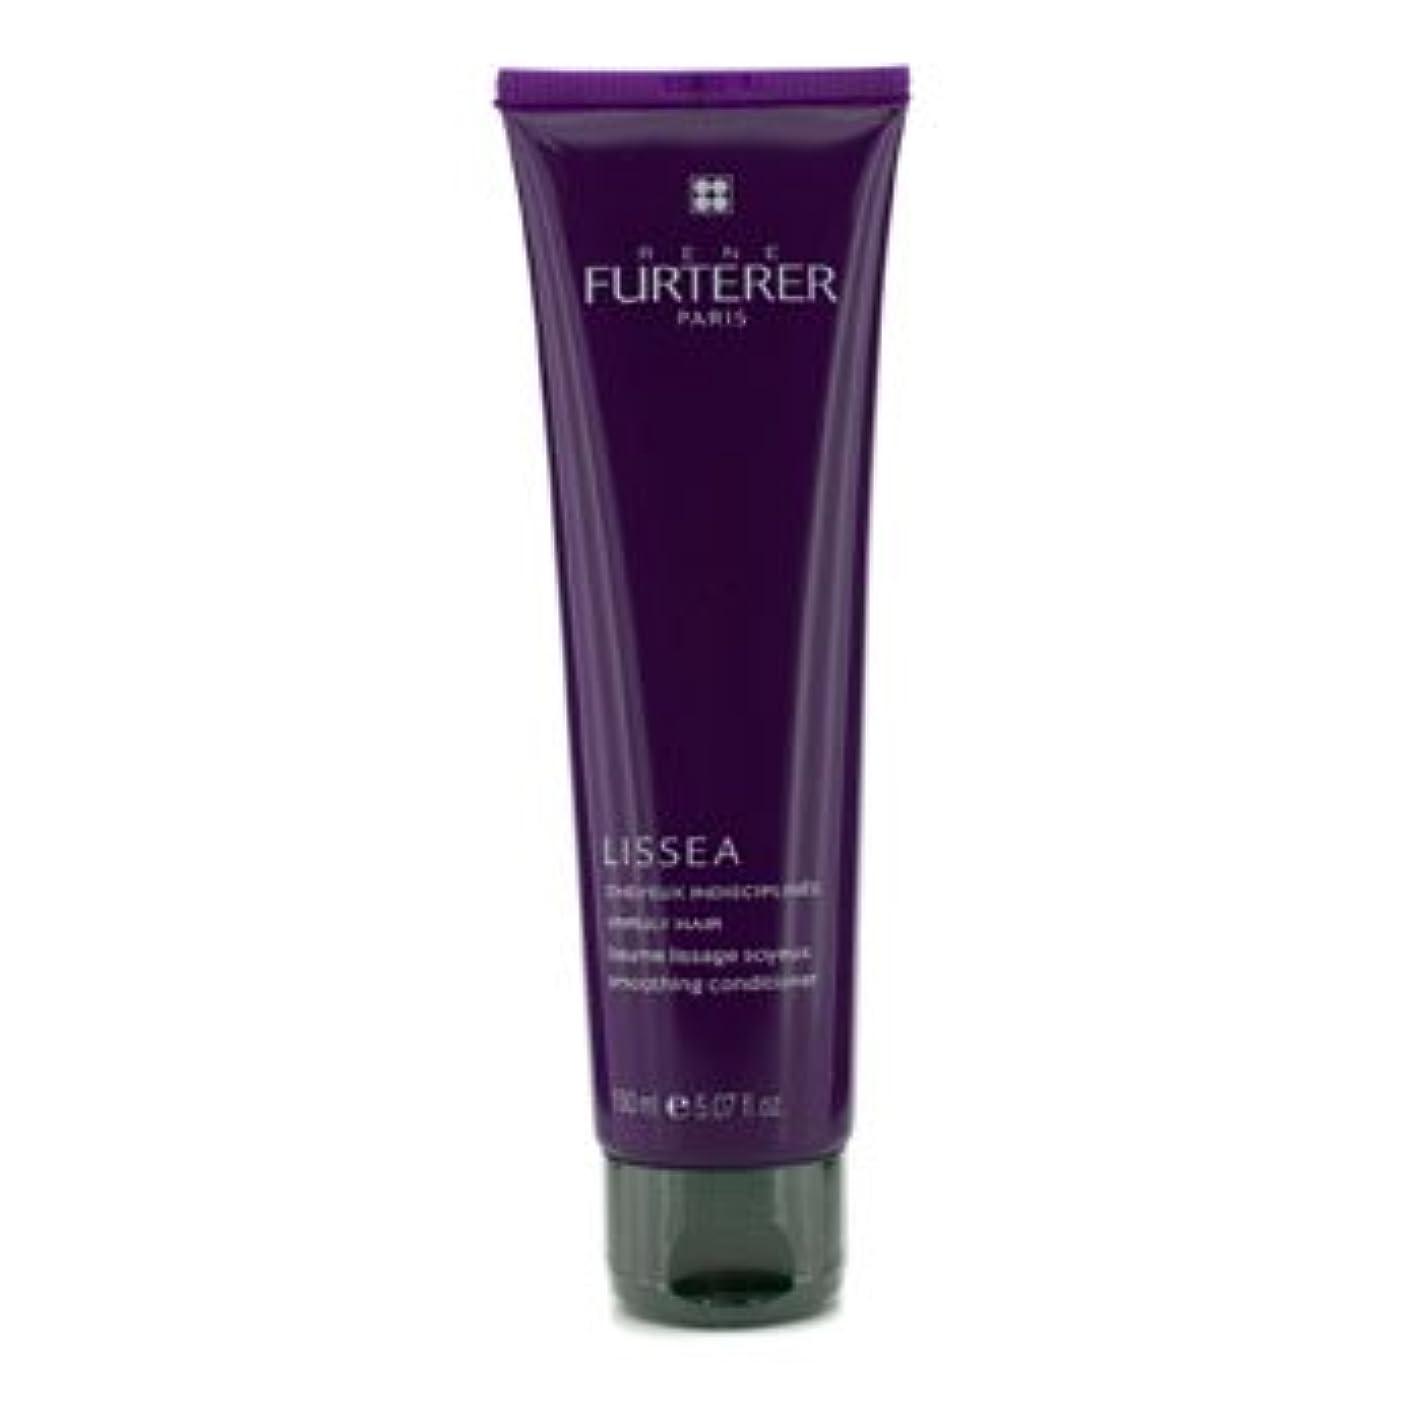 数呼び起こす前兆[Rene Furterer] Lissea Smoothing Conditioner (For Unruly Hair) 150ml/5.07oz